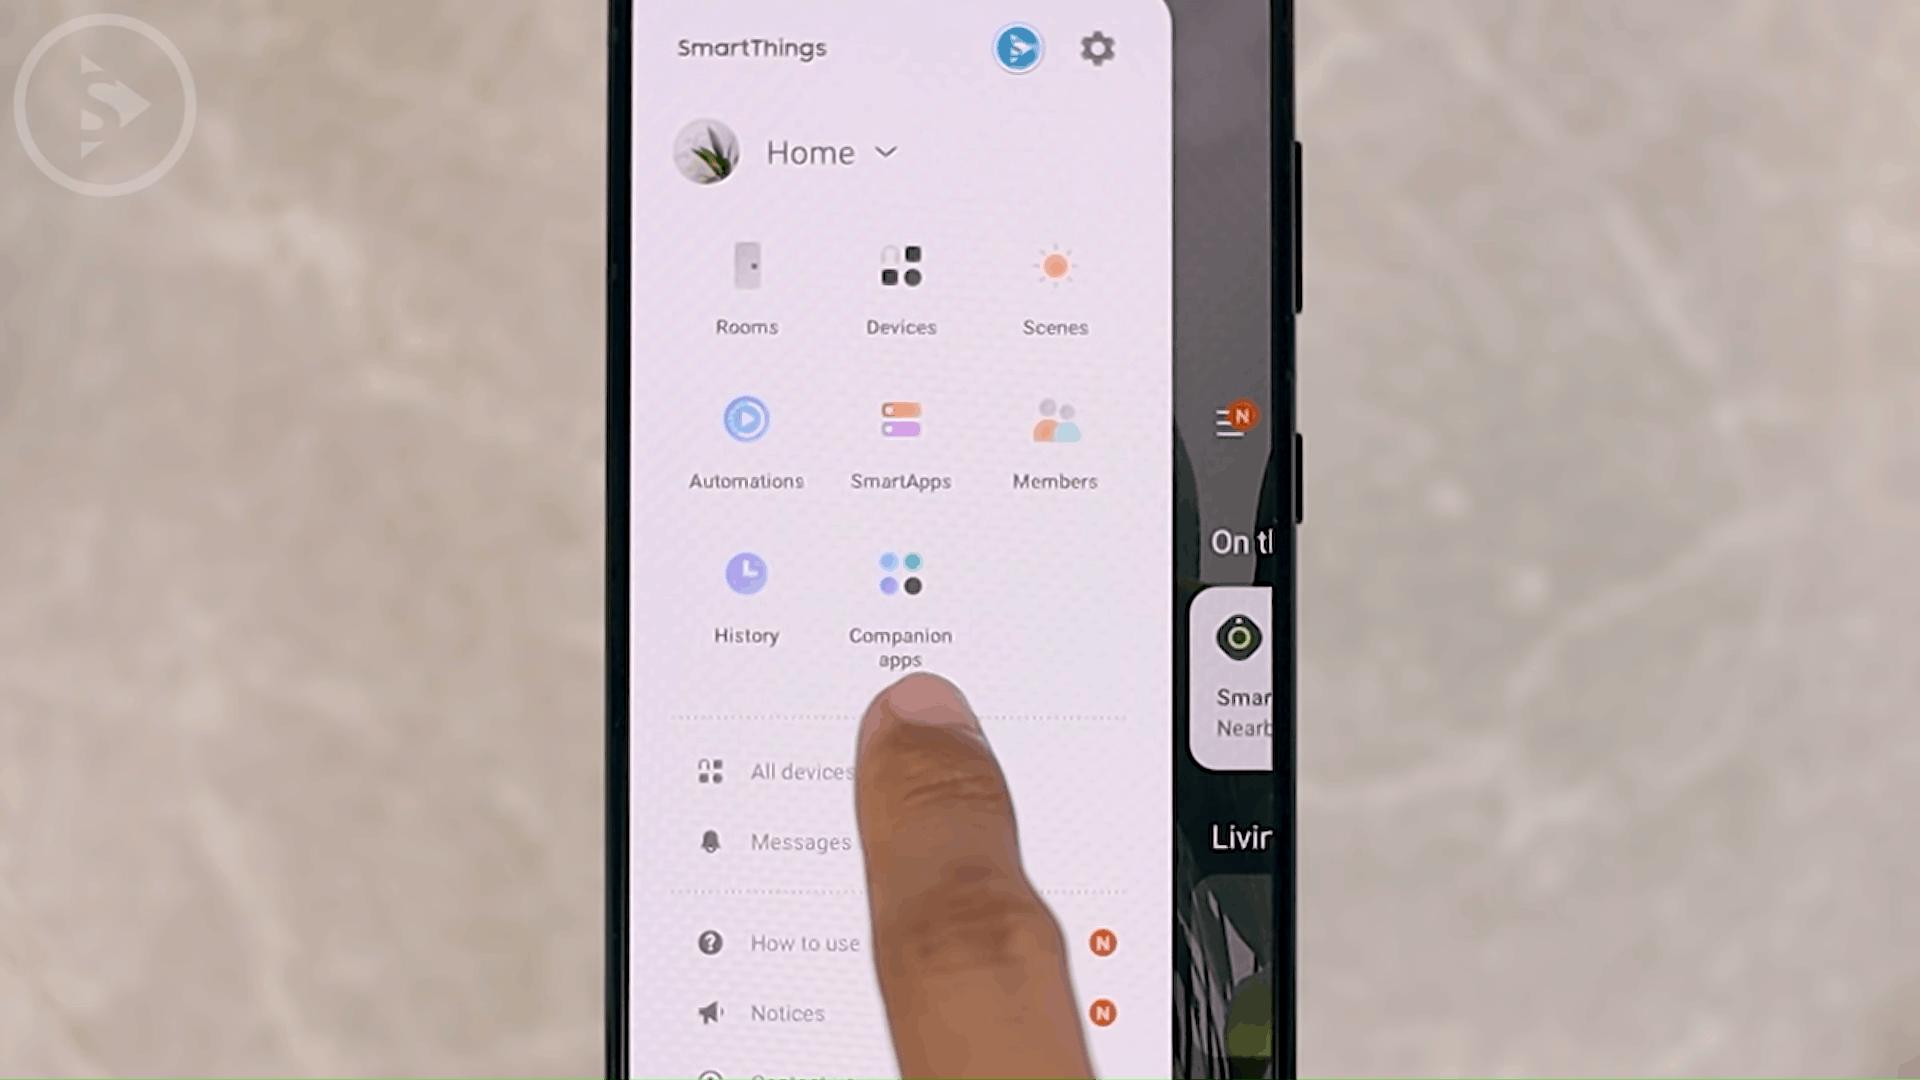 Companion Apps on SmartThings - 8 Fitur Terbaru dan KEREN HP Samsung di One UI 3.0 dan One UI 3.1